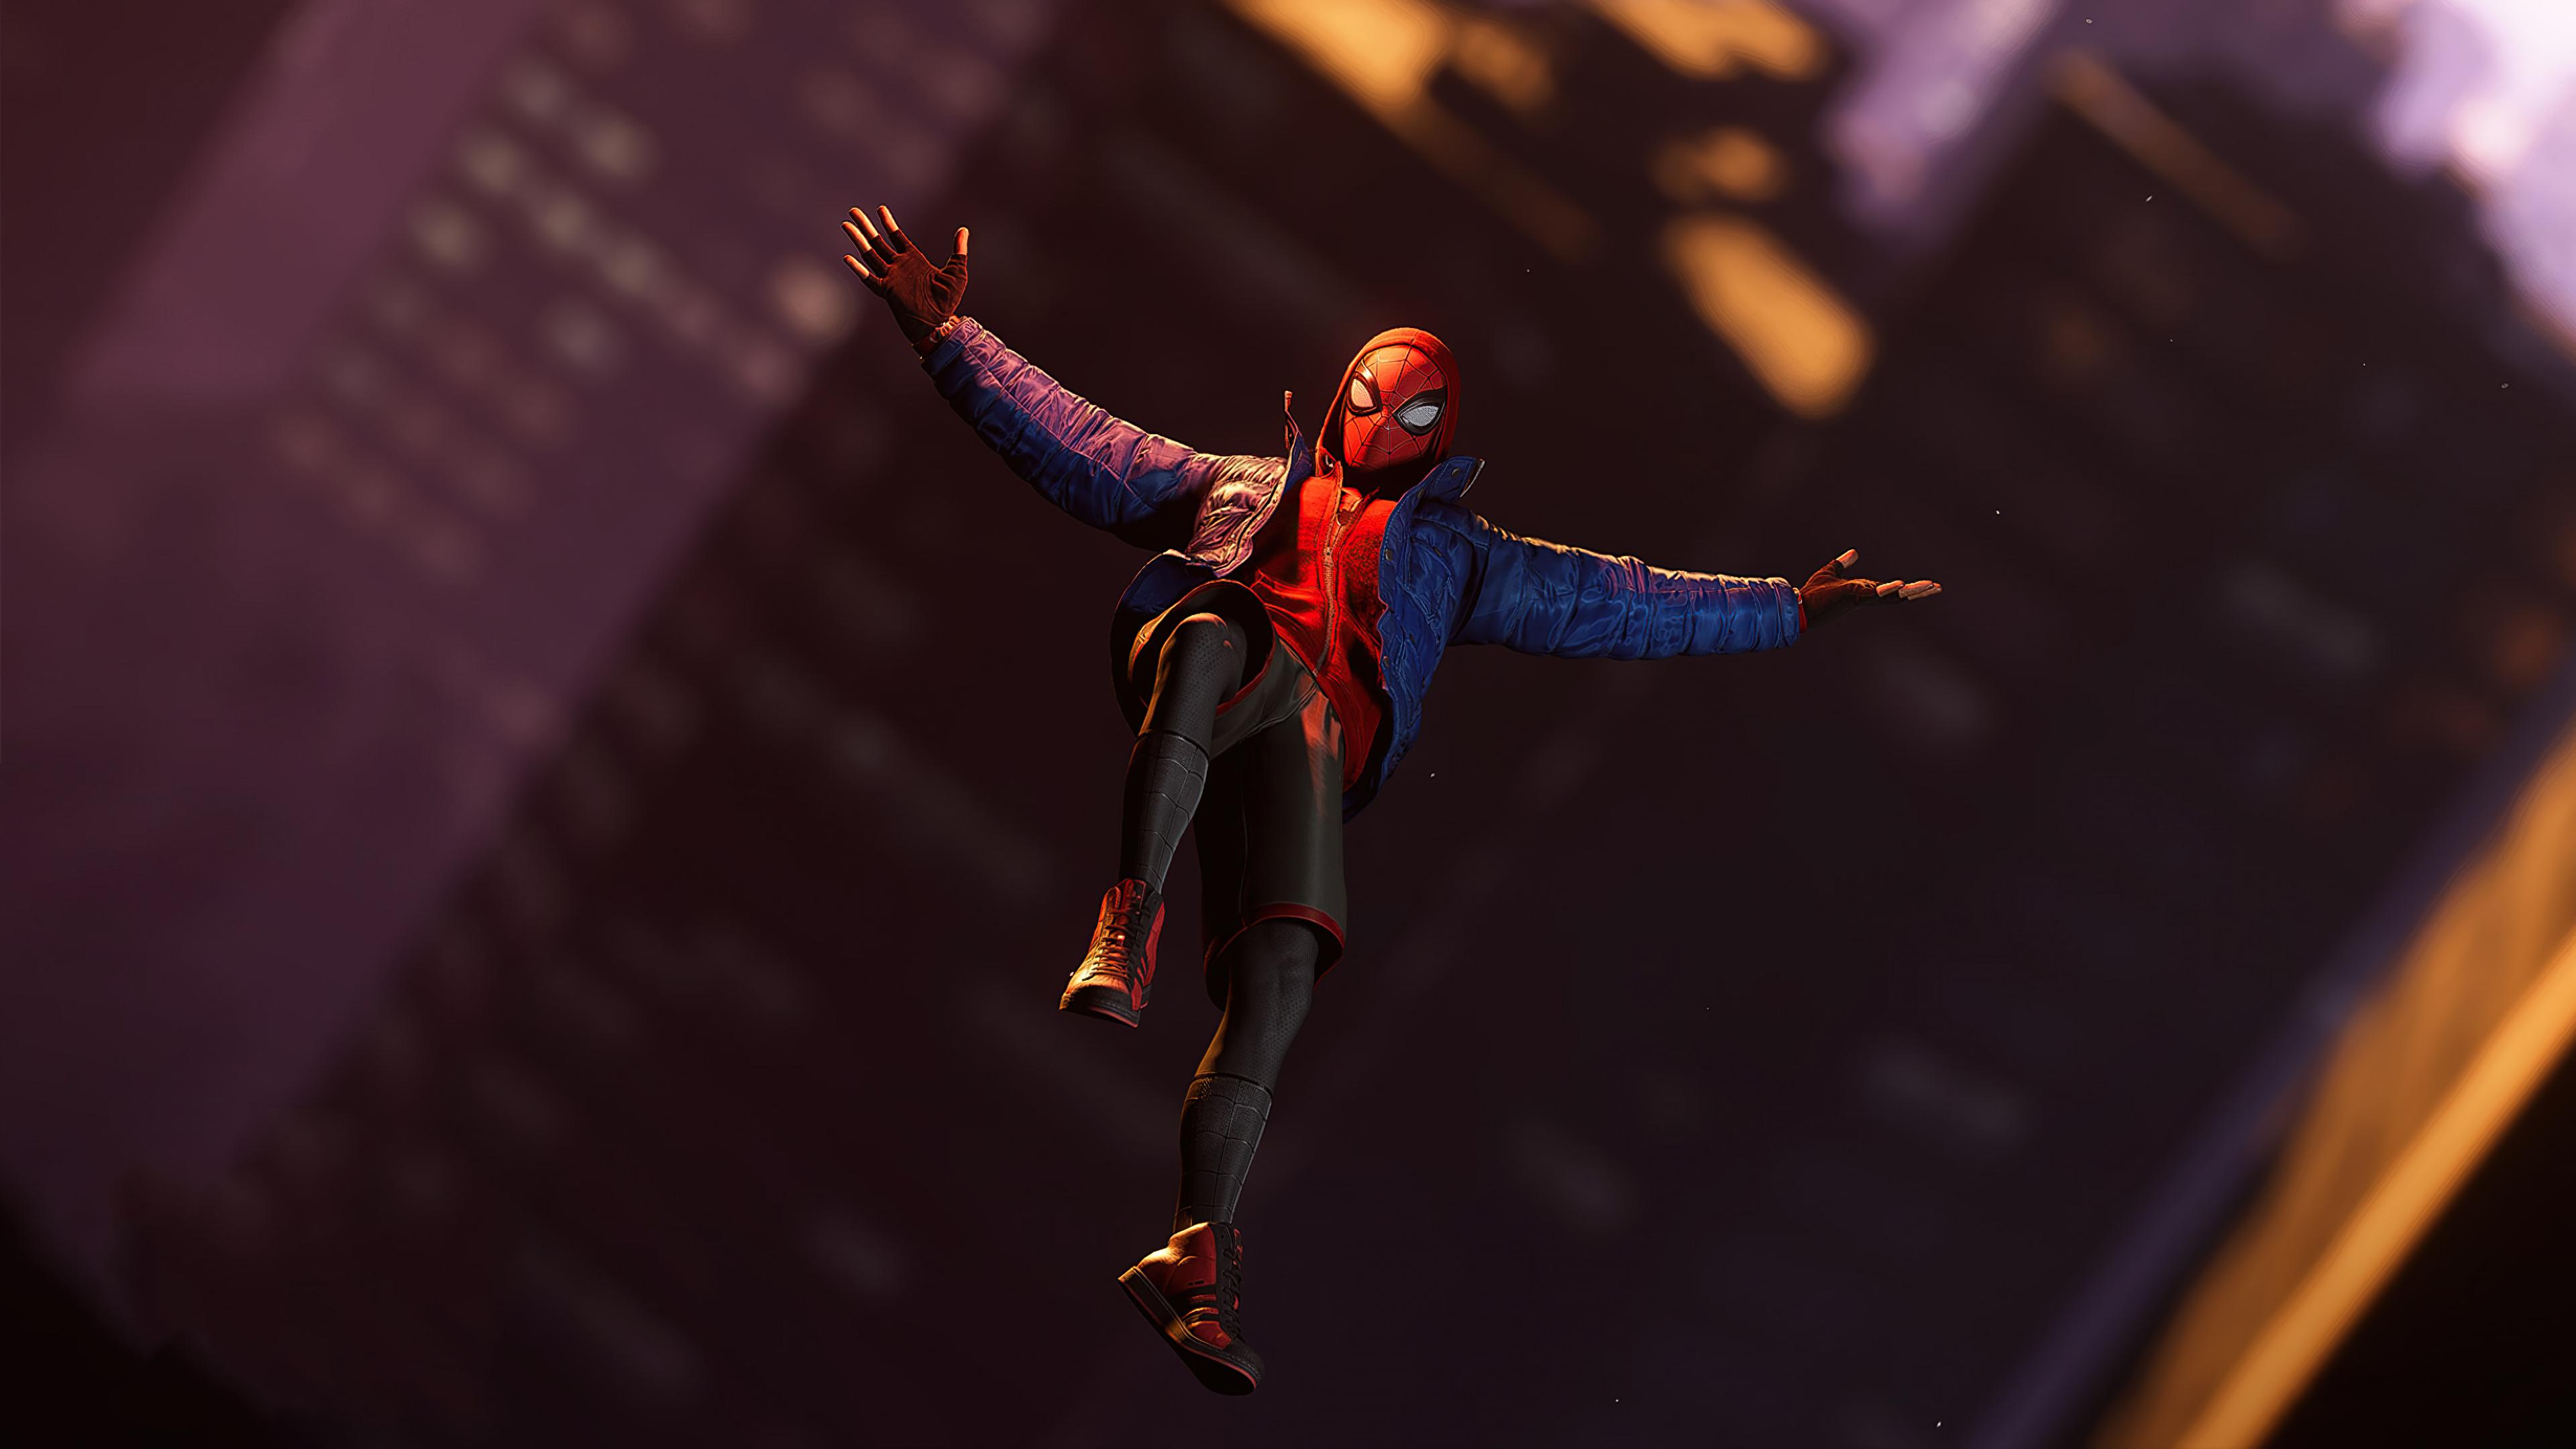 spiderman-miles-morales-2021-4k-ps5-mm.jpg